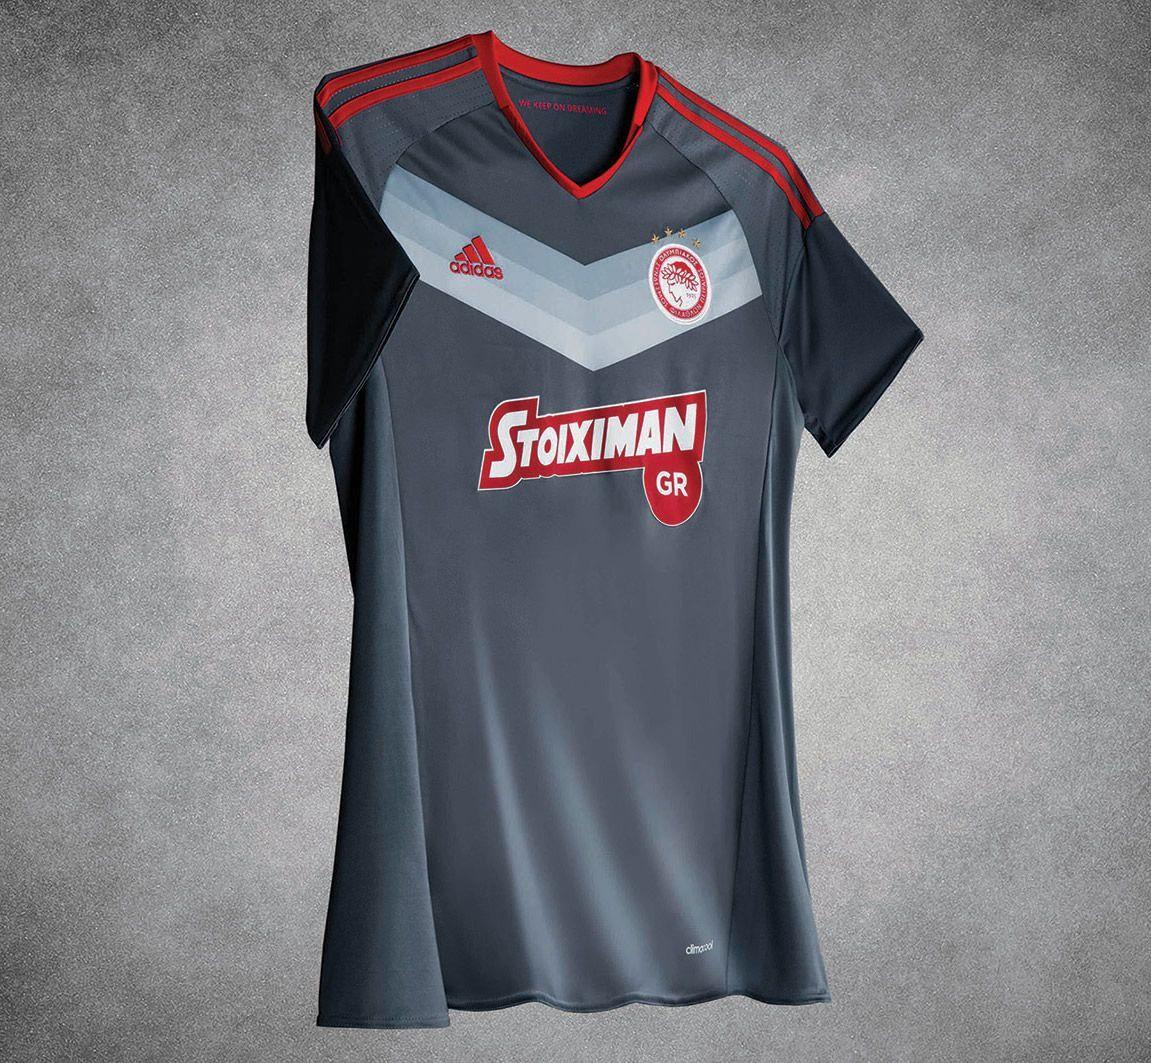 Camiseta suplente del Olympiacos | Foto Adidas